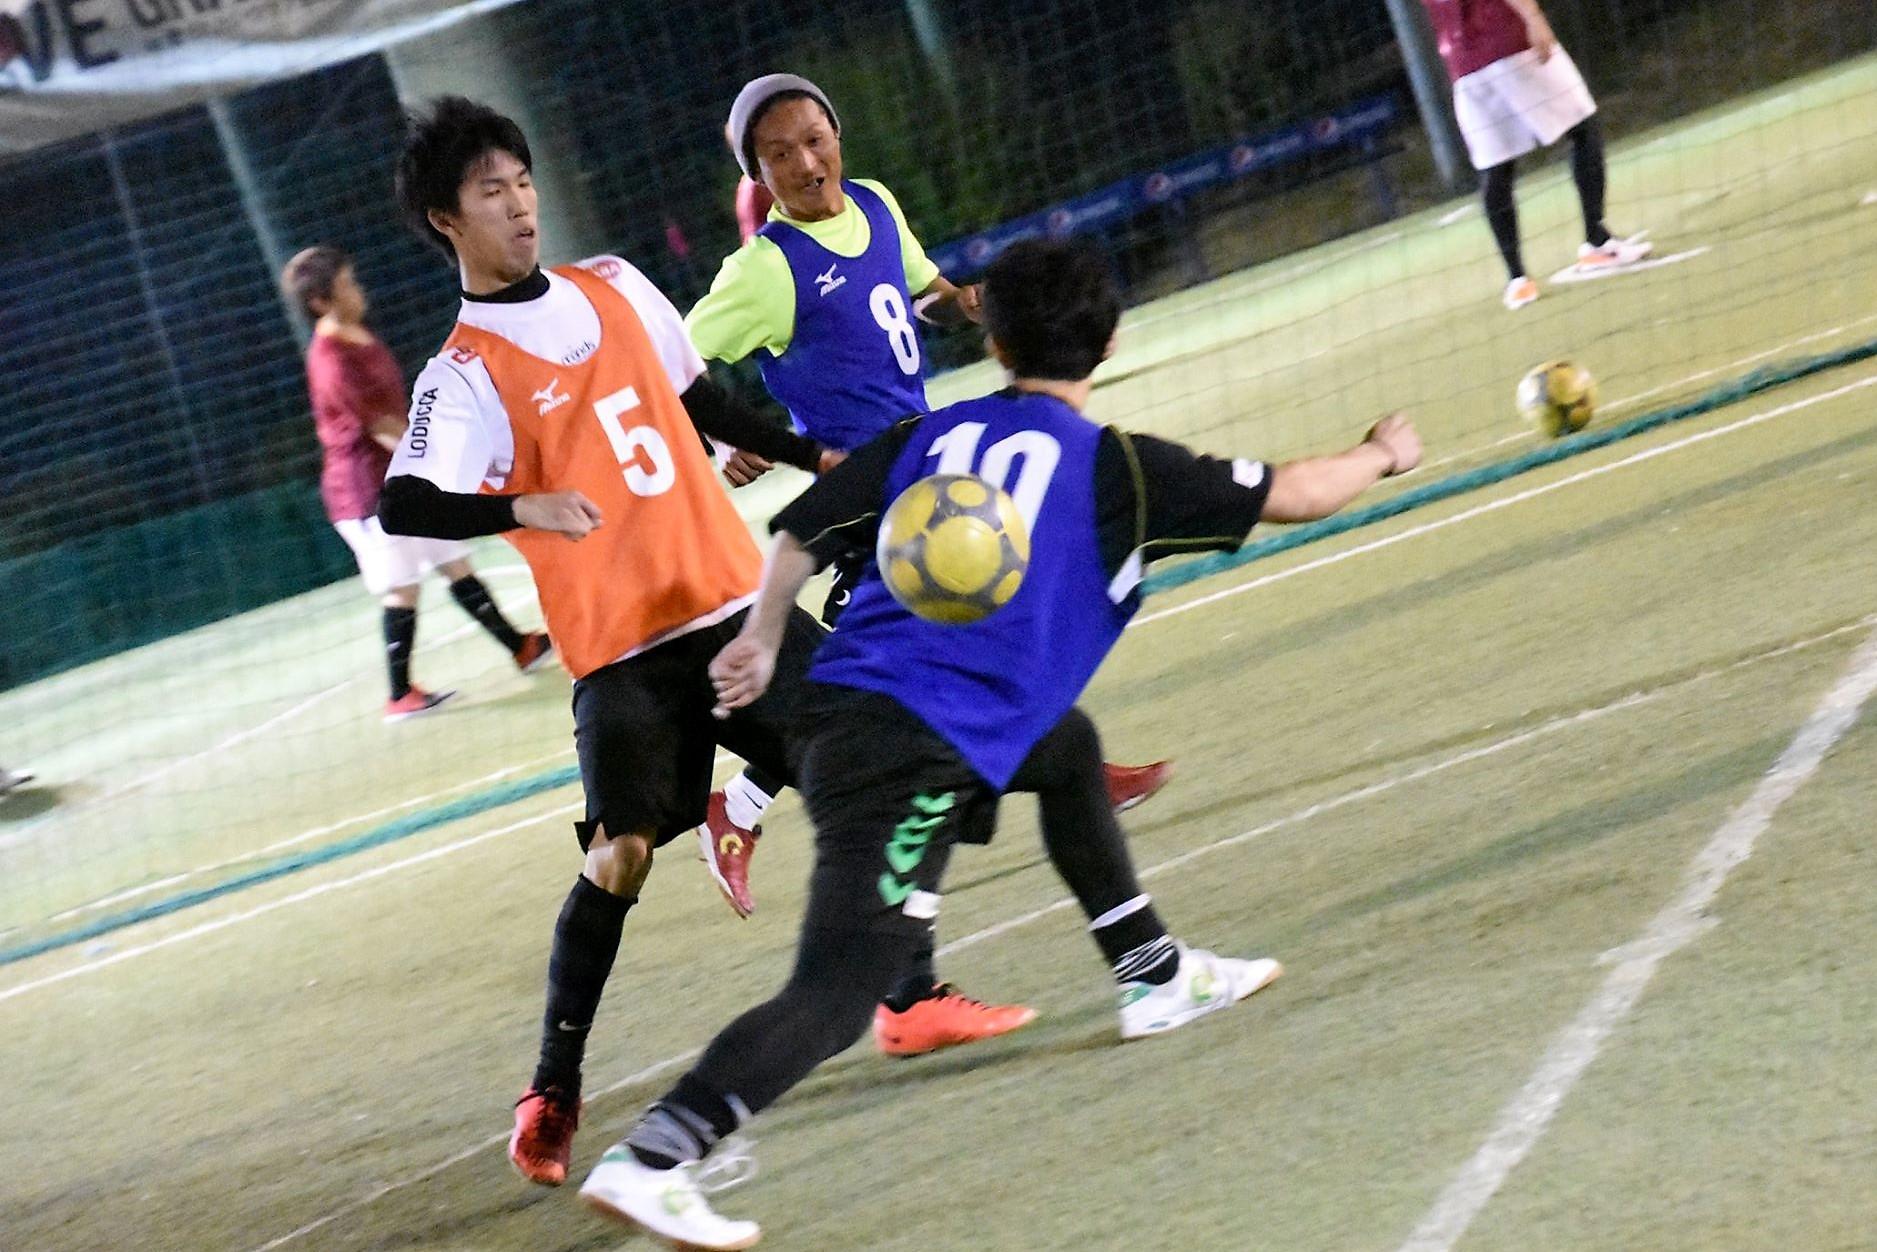 【春日井エンジョイリーグ】第2節予定 必見、チームK  vs  前田FCの直接対決!